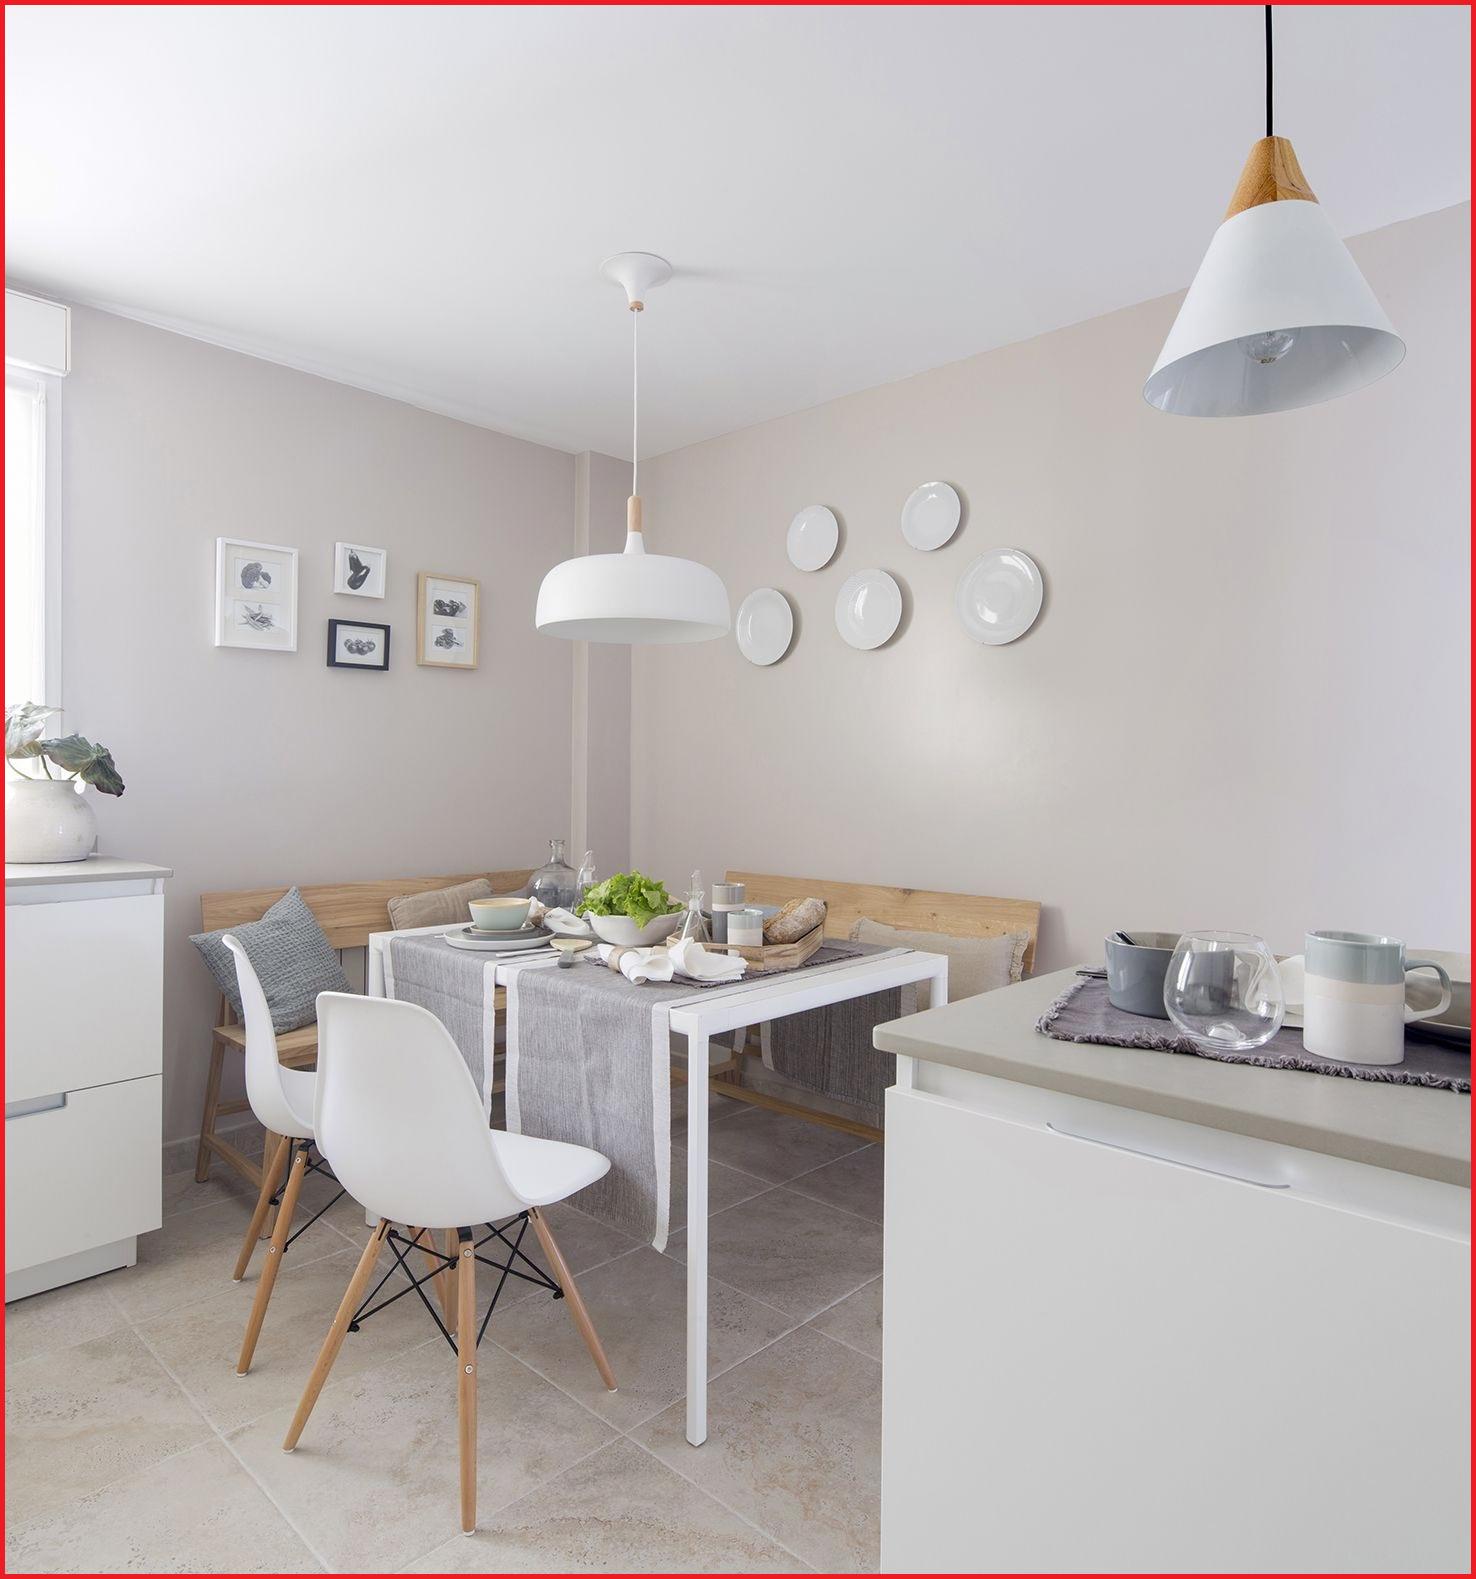 Banco Cocina Ikea Thdr Banco Rinconera Para Cocina 15 Bello Banco Cocina Rinconero